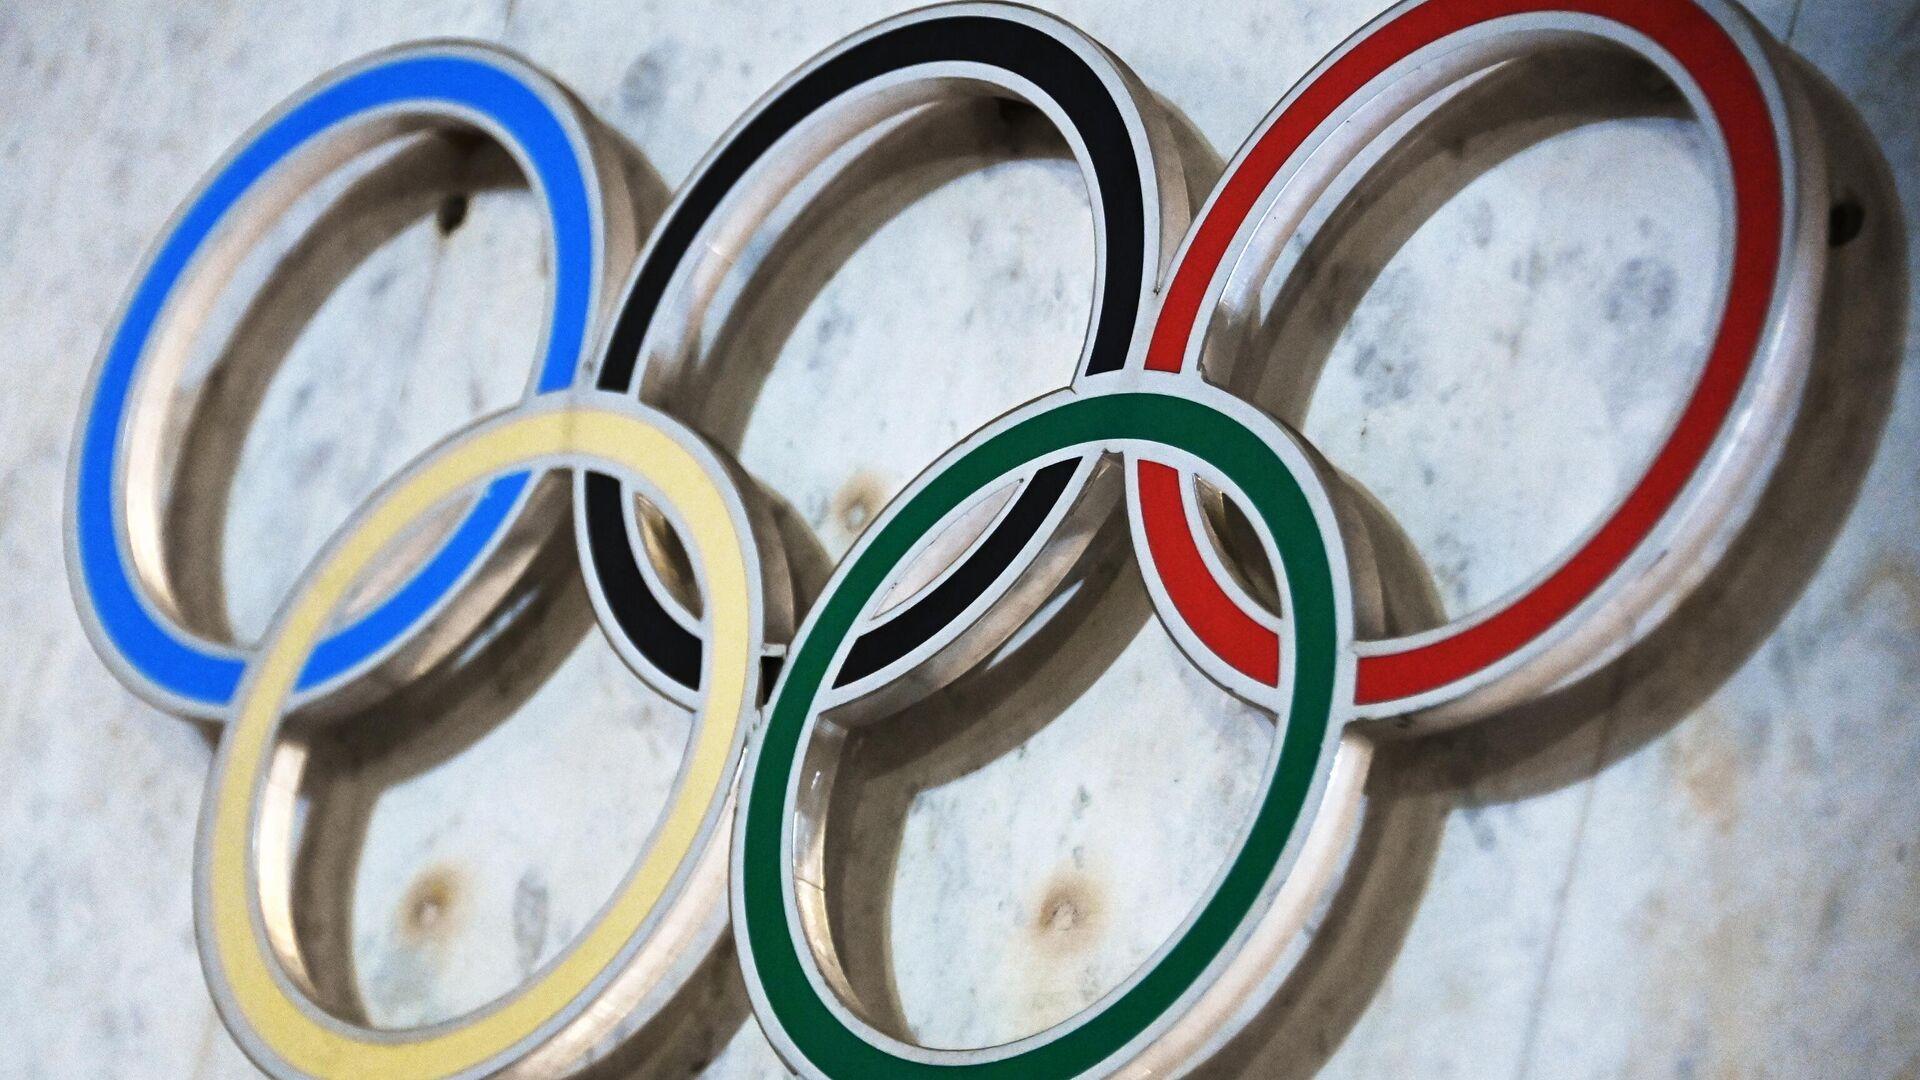 Симворика на здании Олимпийского комитета России (ОКР) на Лужнецкой набережной - РИА Новости, 1920, 05.07.2021